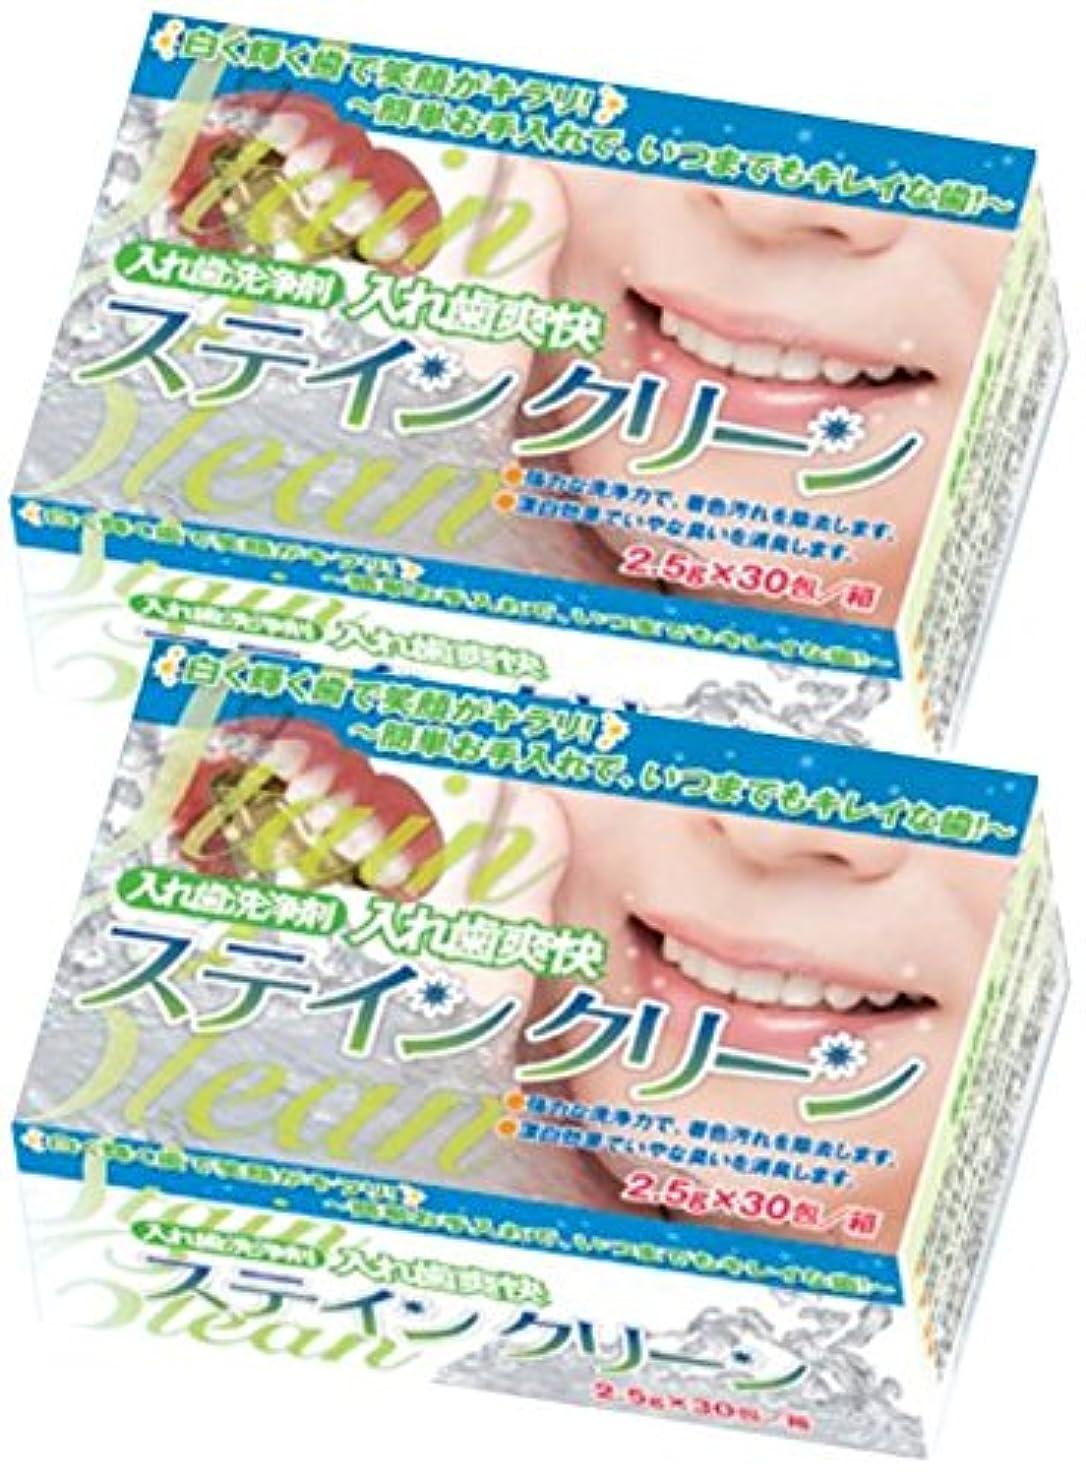 シェーバー彼女自身パーク入れ歯爽快 ステインクリーン 1箱(2.5g × 30包入り) 歯科医院専売品 (2箱)